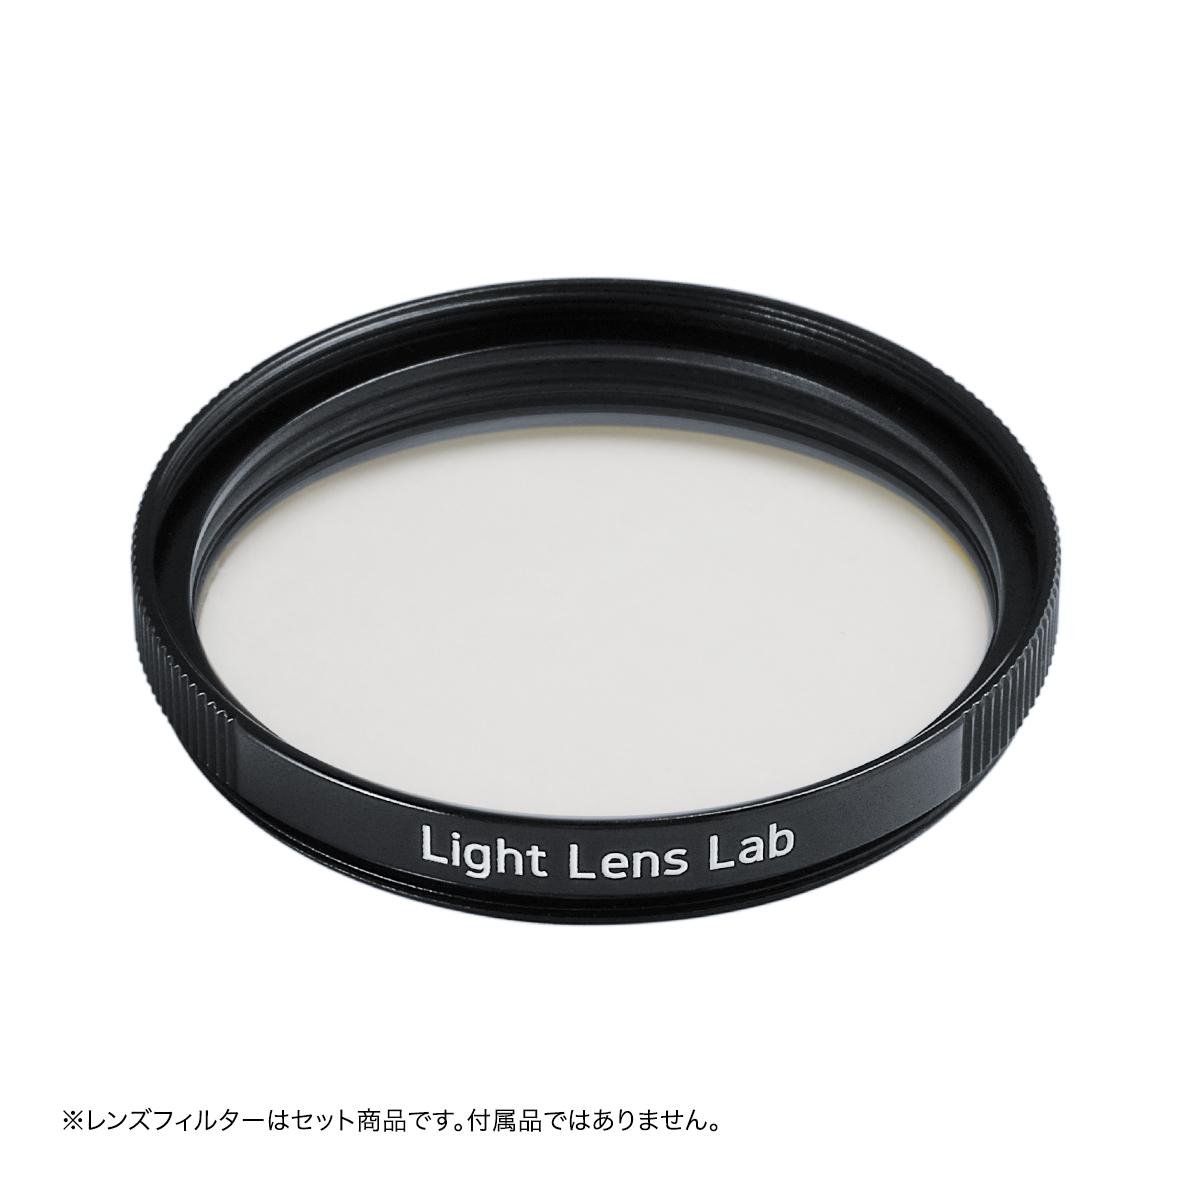 LIGHT LENS LAB M 35mm f/2 ライカM ブラックペイント